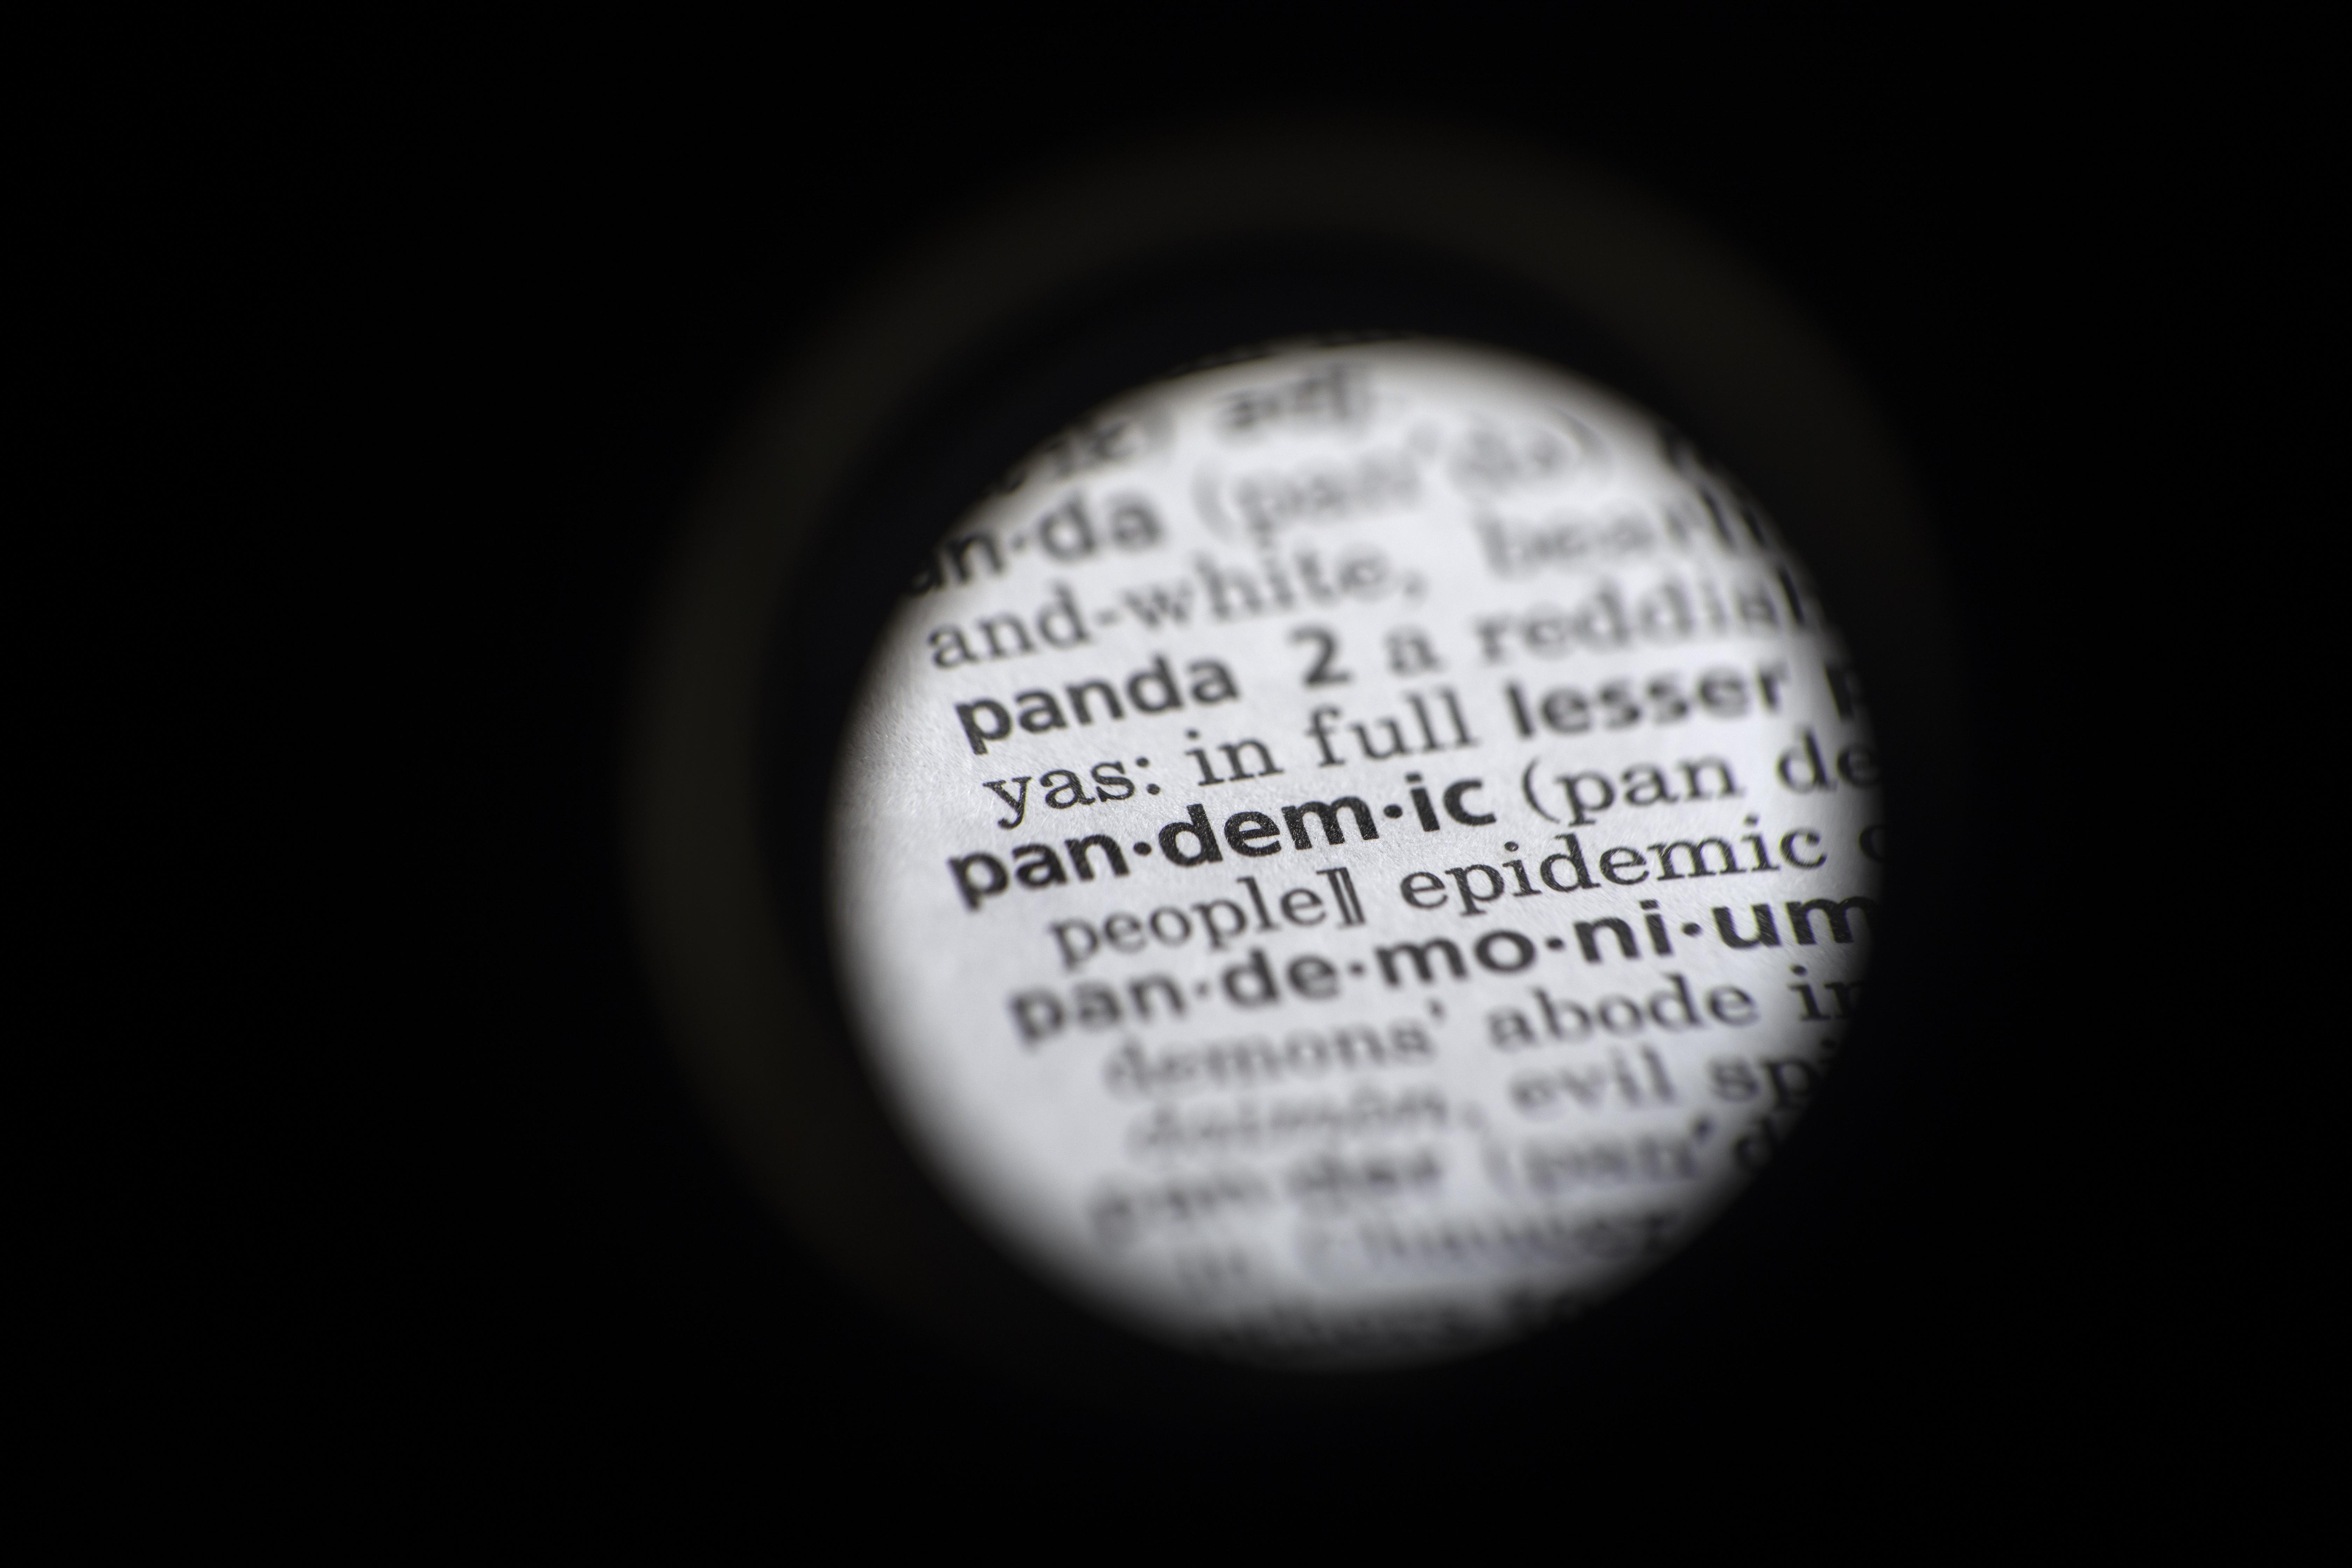 'Pandemia' é eleita a palavra do ano 2020 pelo dicionário Merriam-Webster